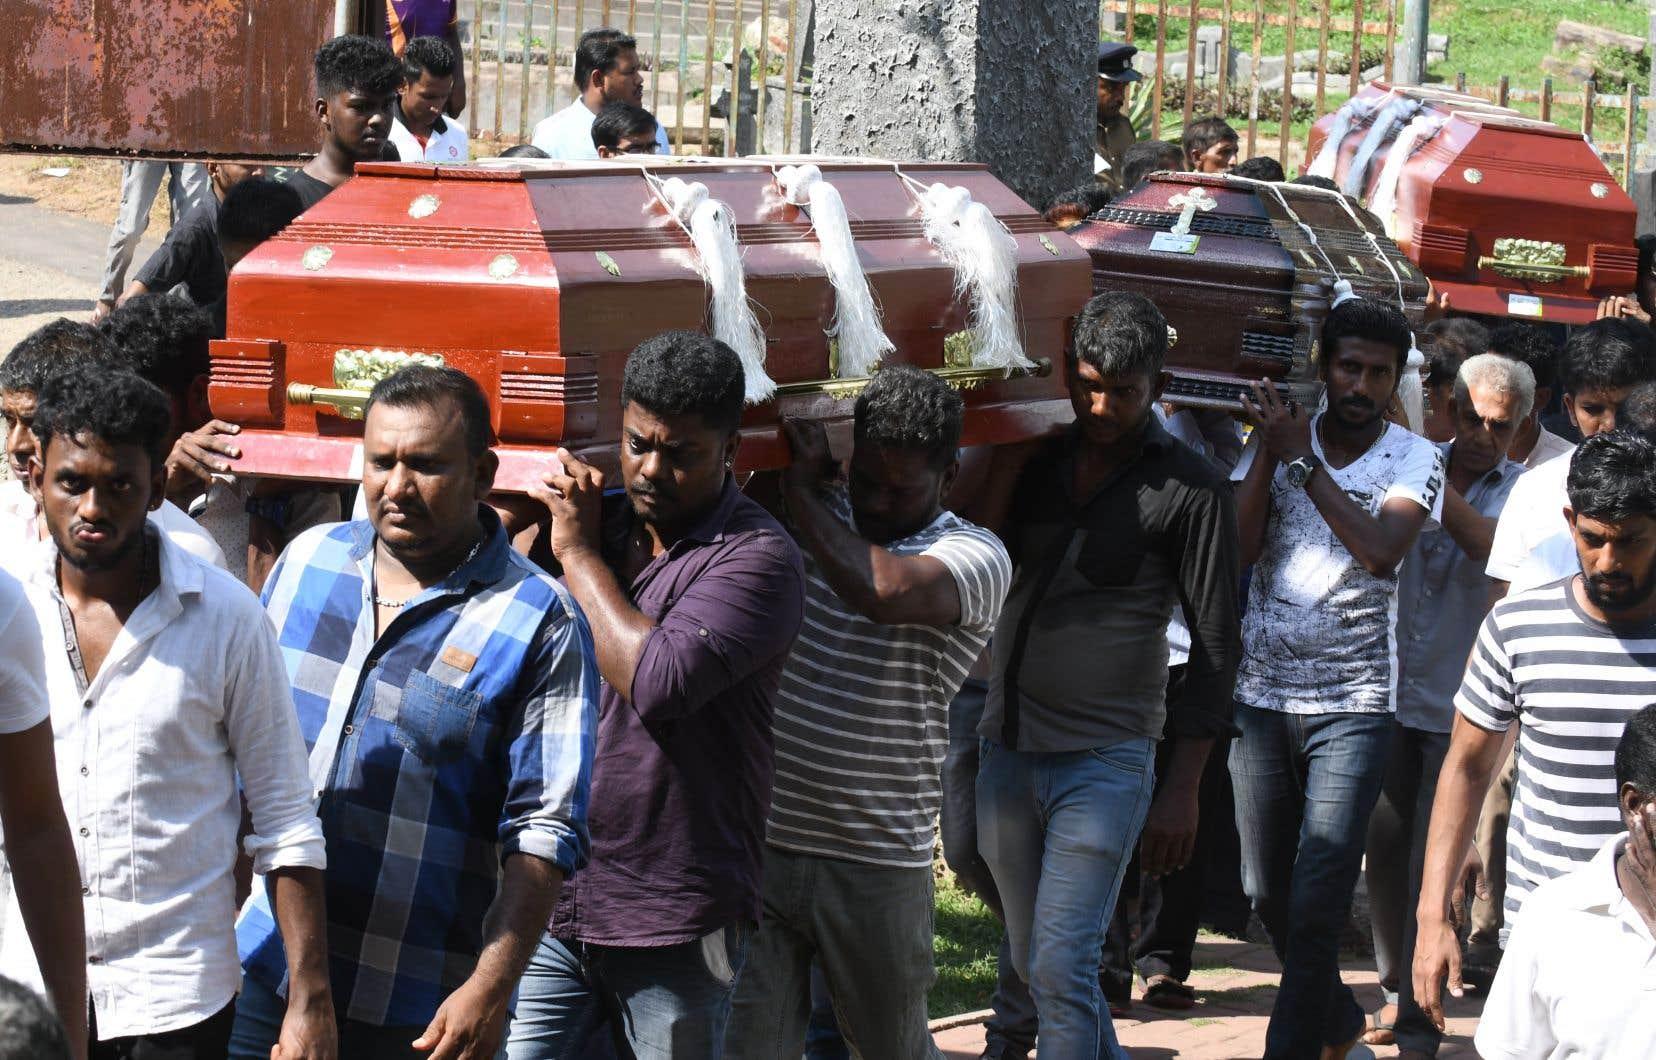 Des proches des victimes des attentats portent des cercueils lors d'un enterrement dans un cimetière à Colombo le 23 avril 2019.